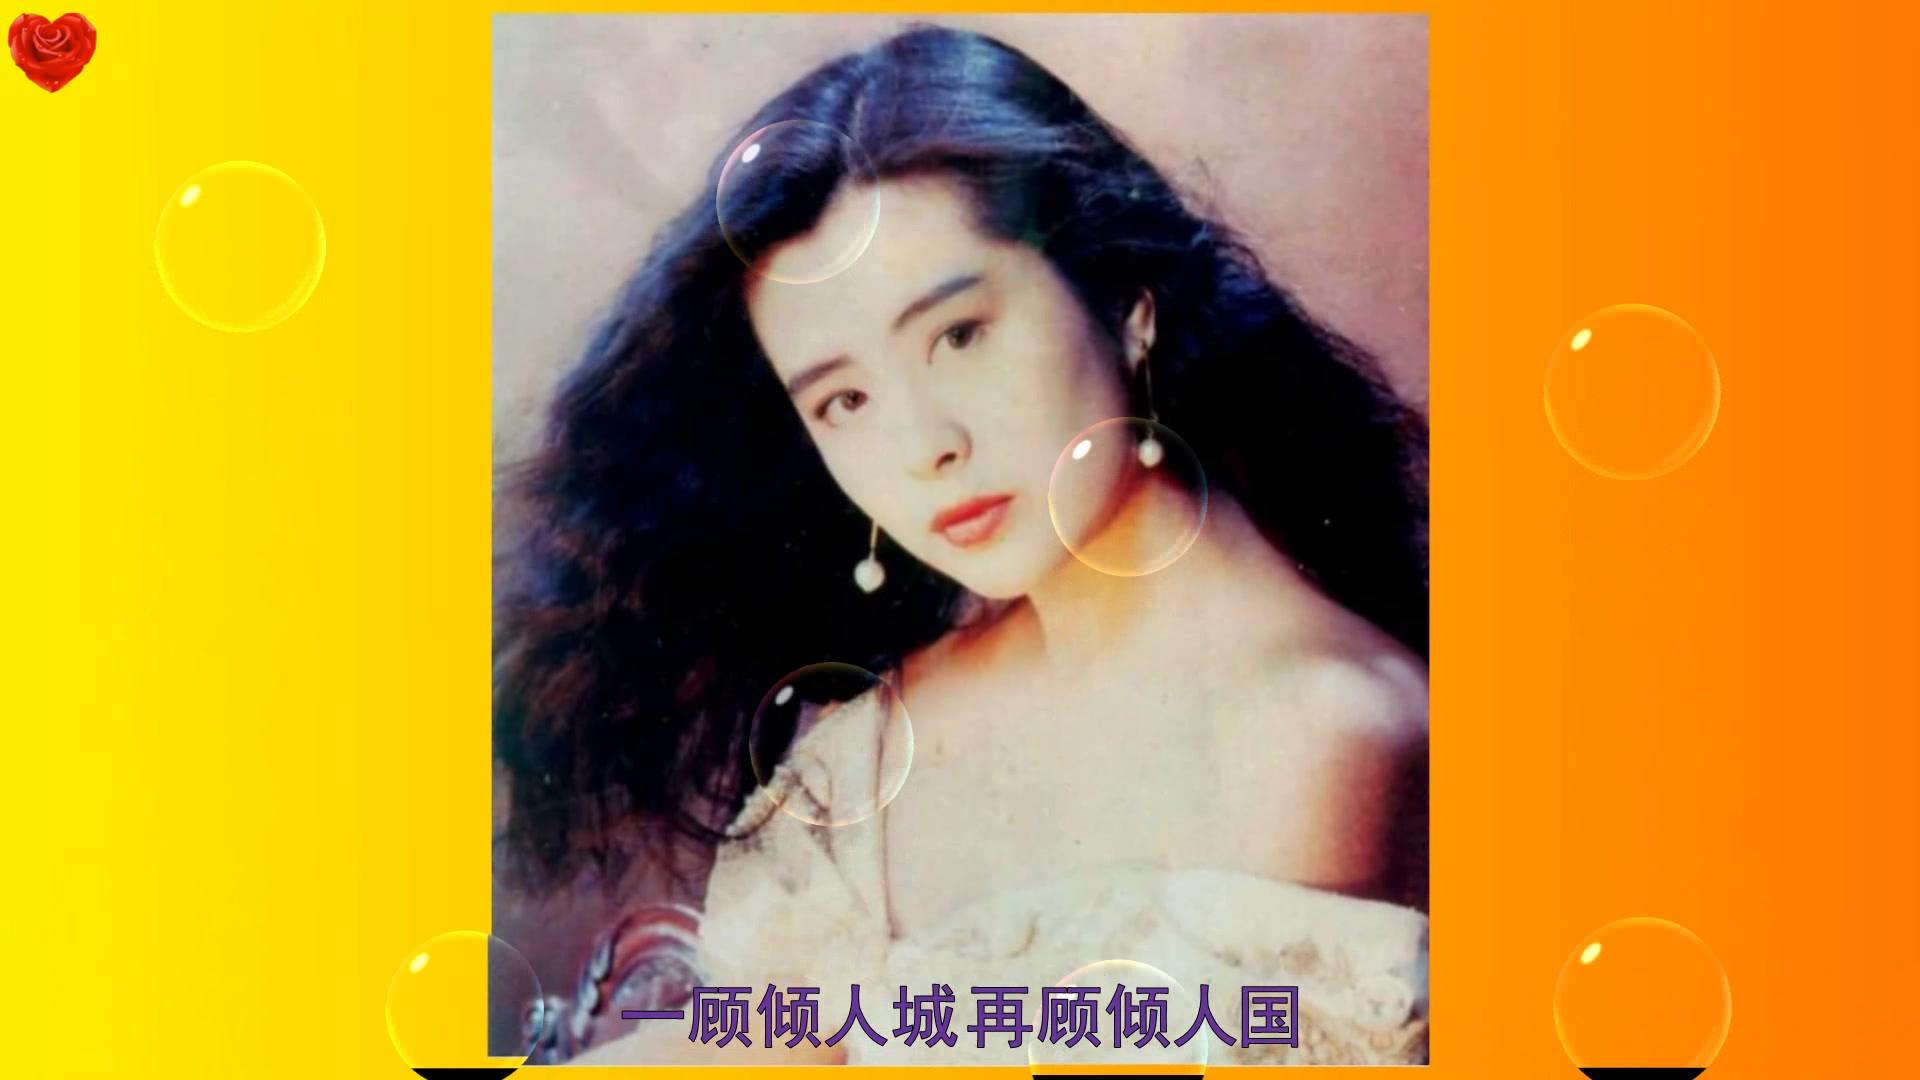 王祖贤-《刚好遇见你》音乐相册,致那些年追过的女神图片